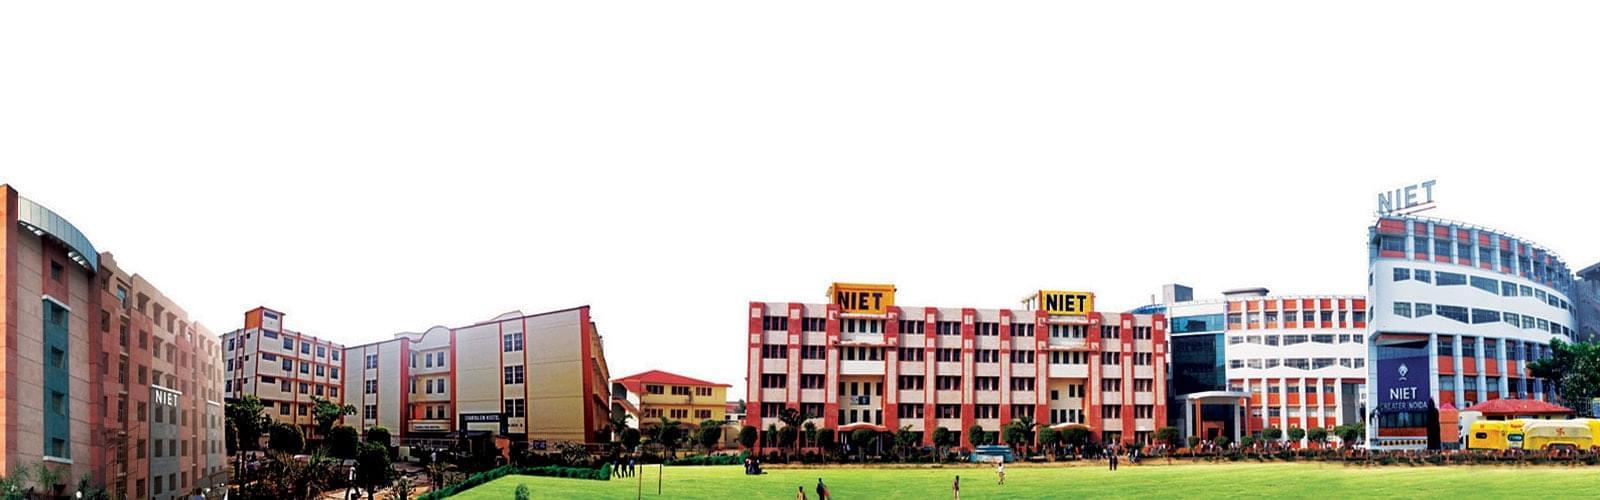 Sunstone Eduversity - NIET Campus